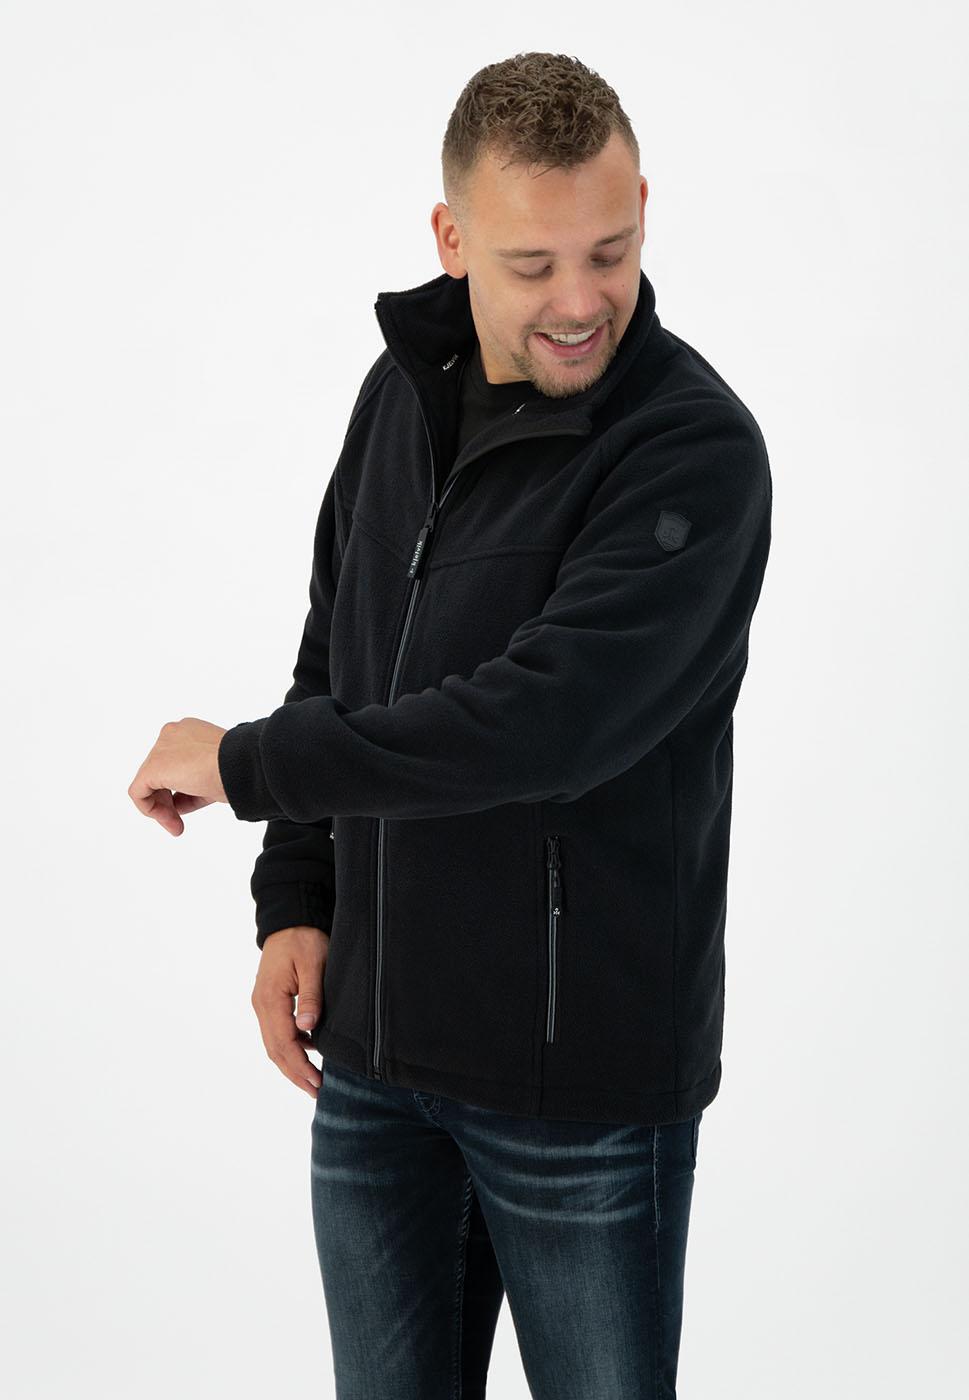 Kjelvik Scandinavian Clothing - Men Knitwear/Fleece Fjord Black